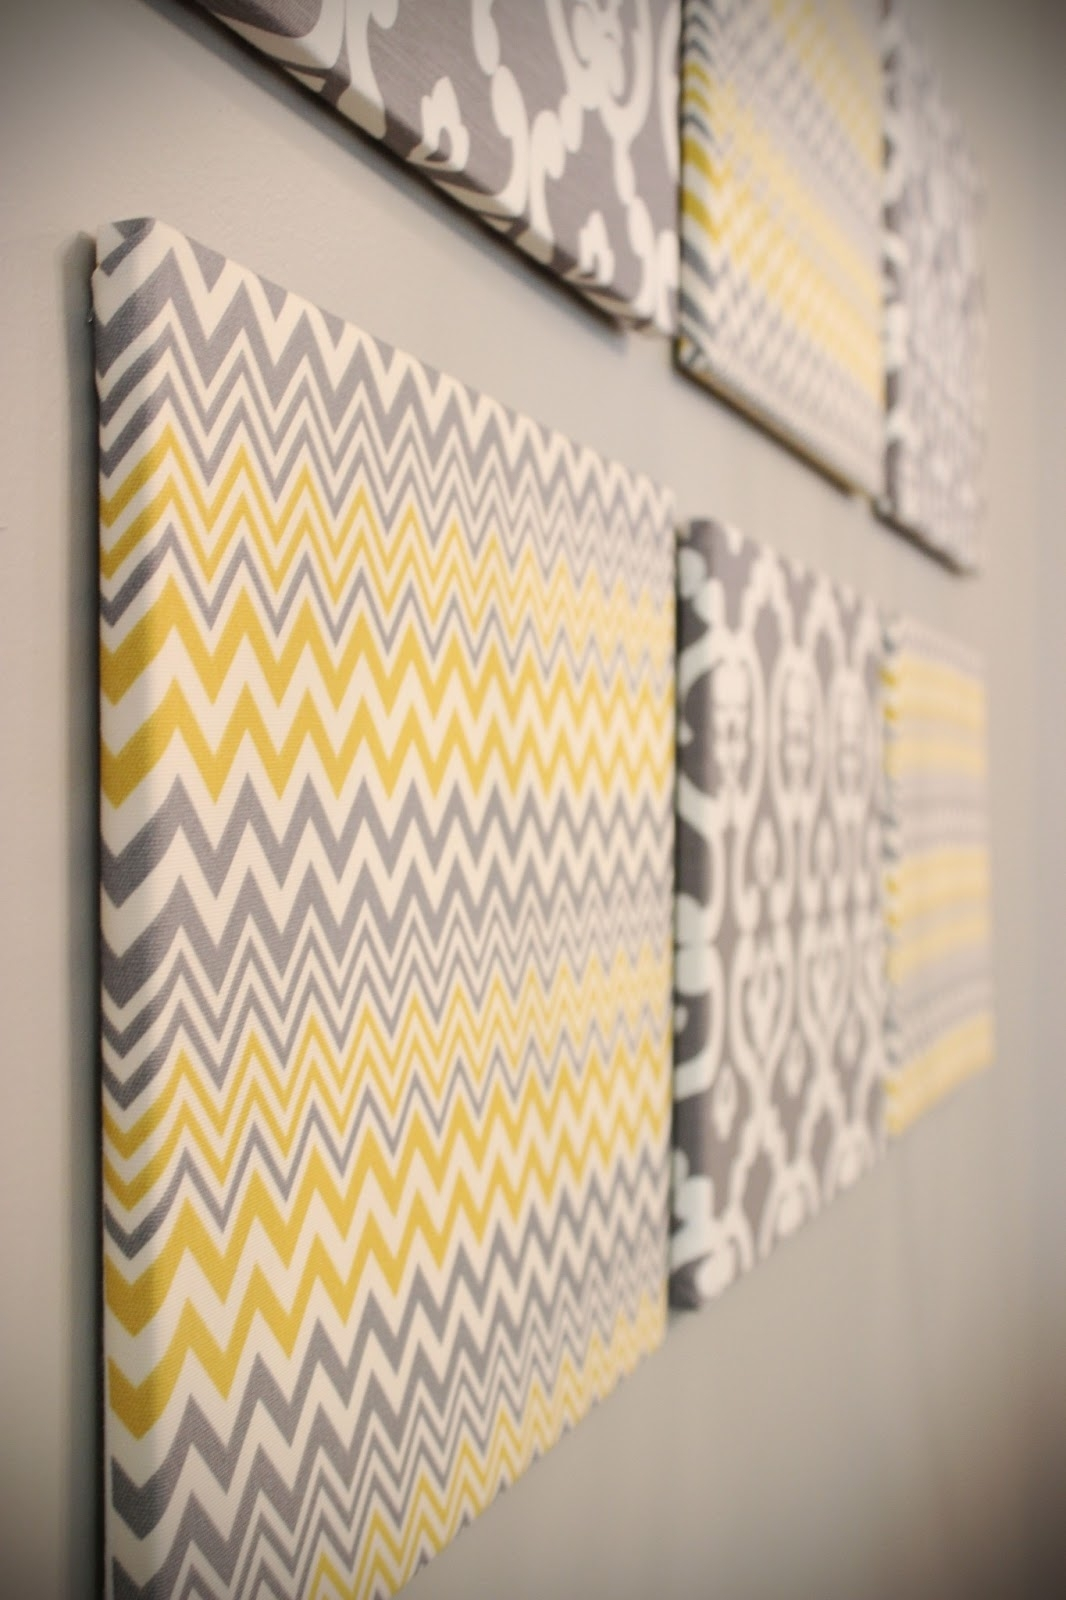 Diy Yellow And Gray Wall Decor – Gpfarmasi #3aa8f70a02e6 With Yellow And Gray Wall Art (View 17 of 20)